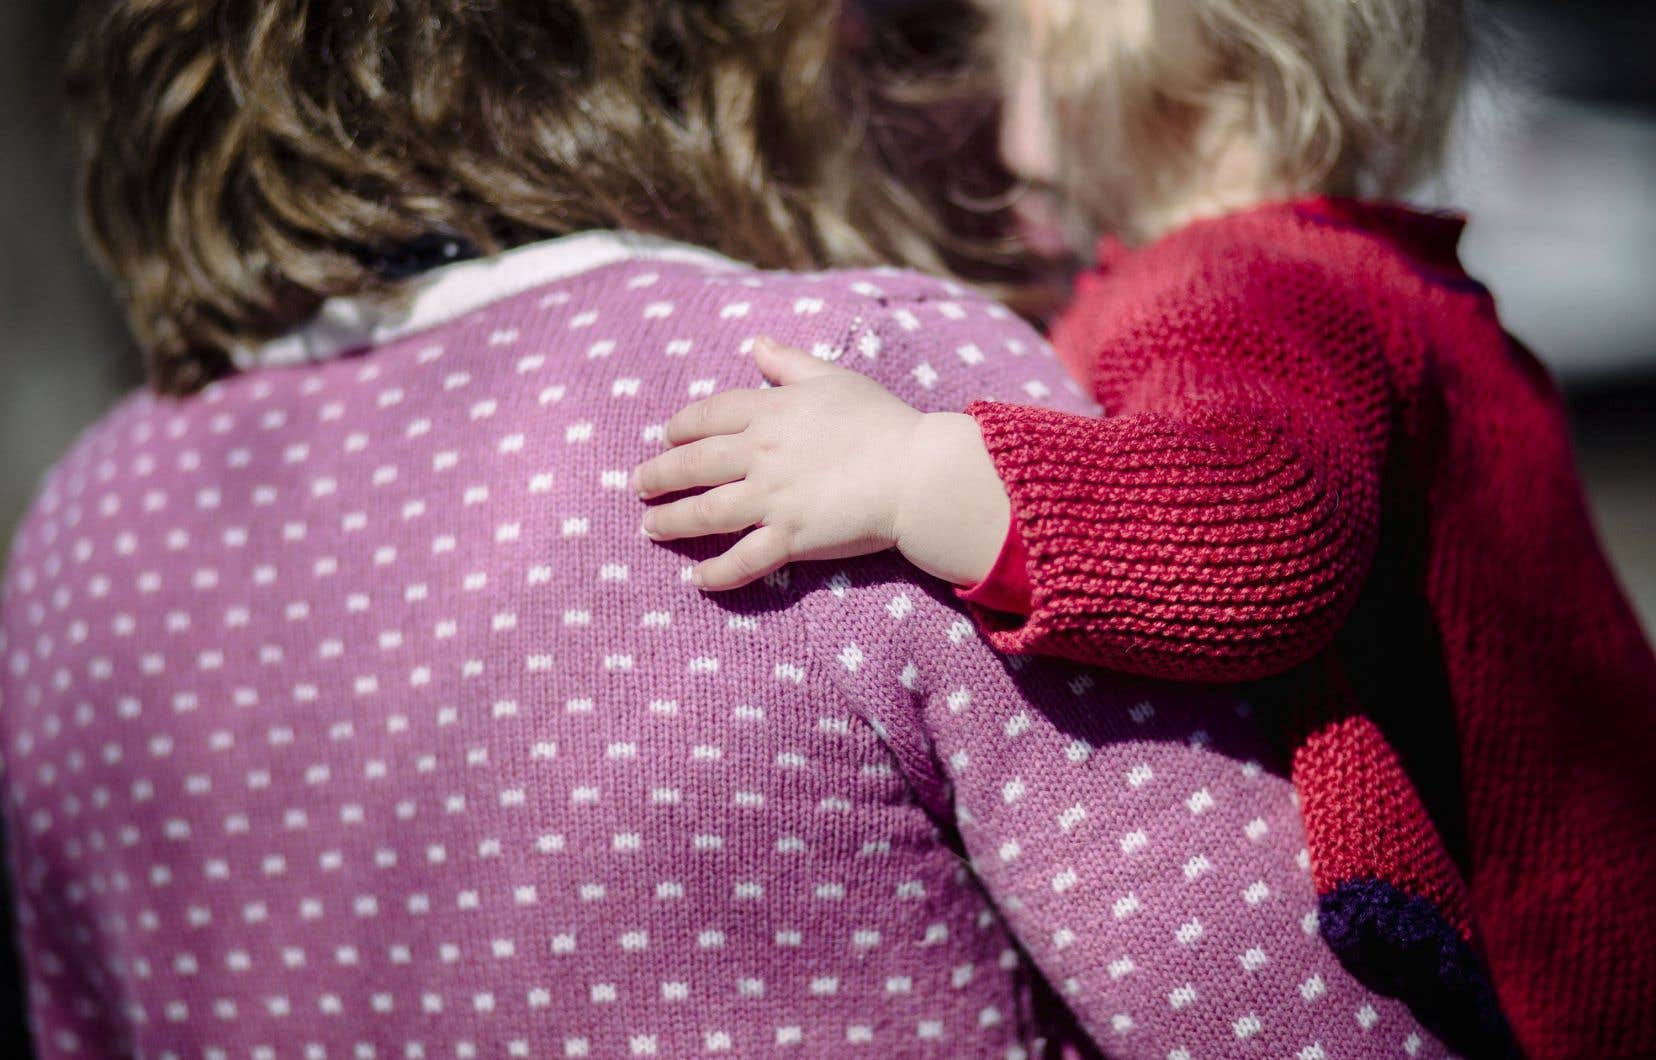 Selon le projet de loi 83, le parent sans statut, ou qui détient un permis de séjour temporaire, devra prouver, par une preuve de séjour ou une déclaration assermentée, son intention de demeurer au Québec pour plus de six mois s'il veut que son enfant soit couvert par la Régie de l'assurance maladie du Québec (RAMQ).